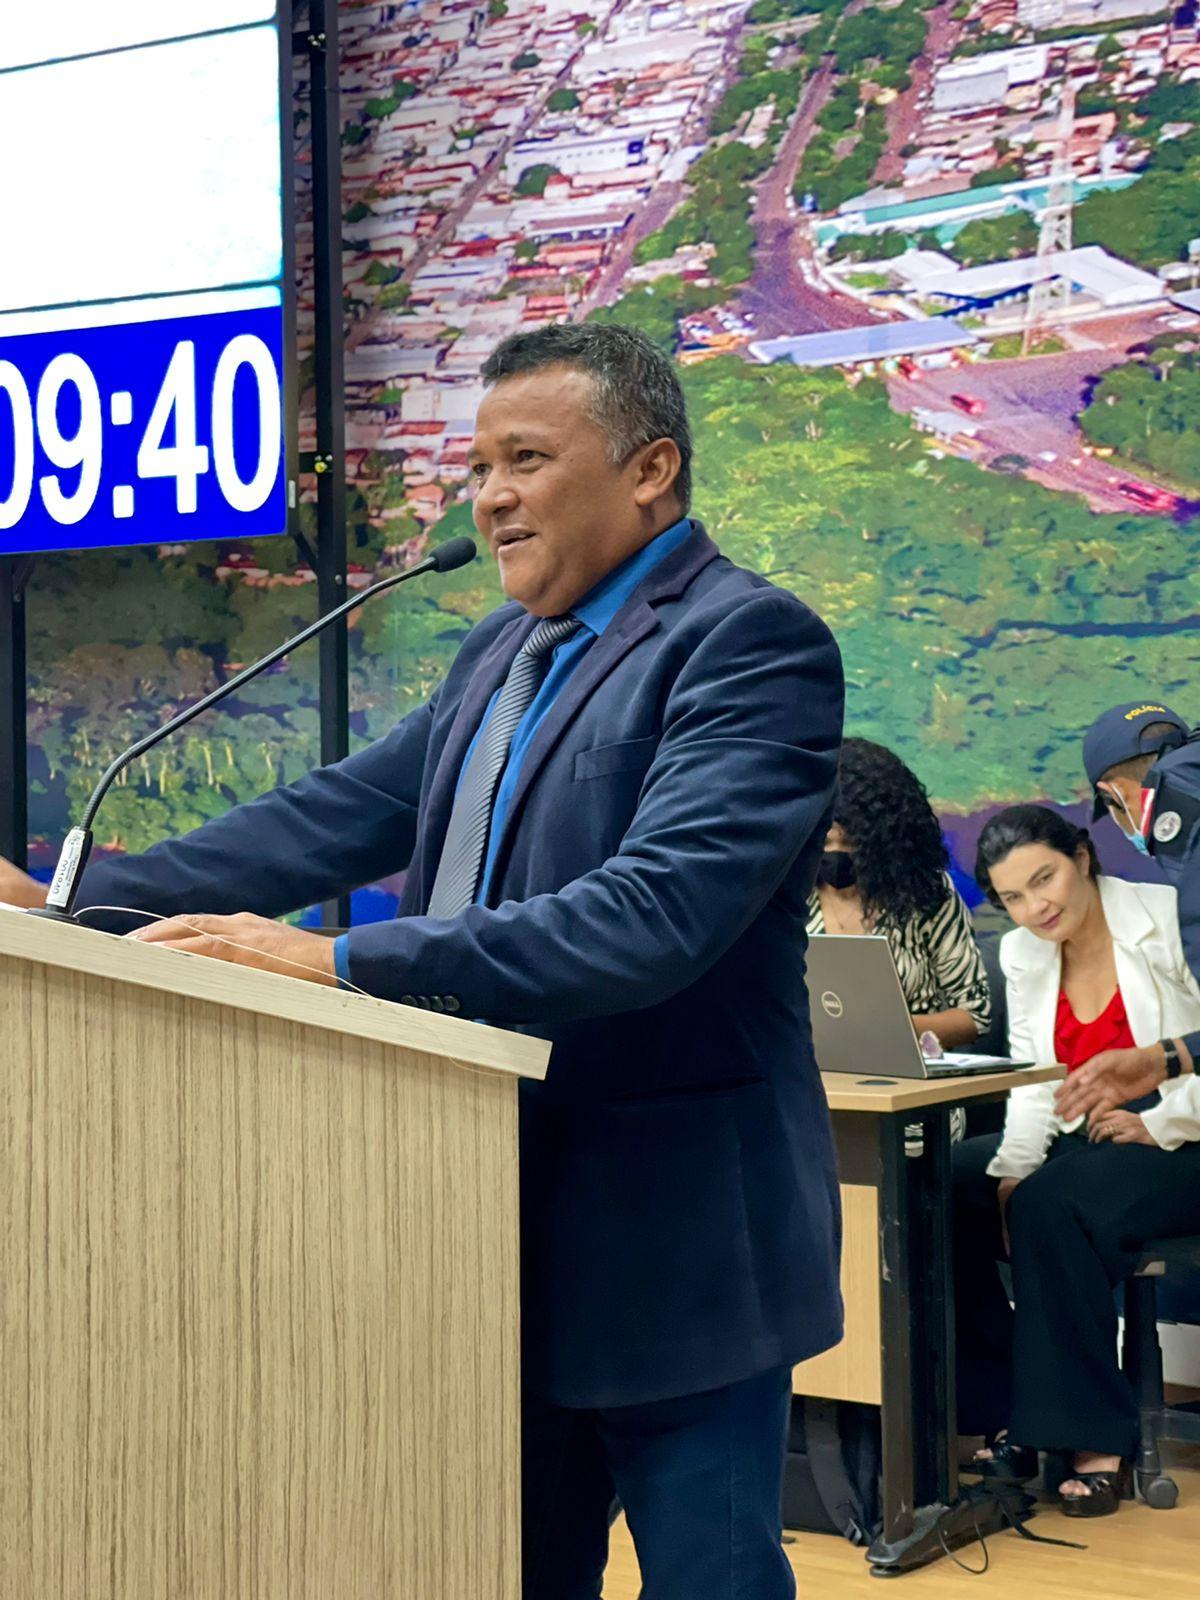 Elias sugere convidar a Vale para apresentar medidas de contingência ao rio Parauapebas, em caso de acidentes